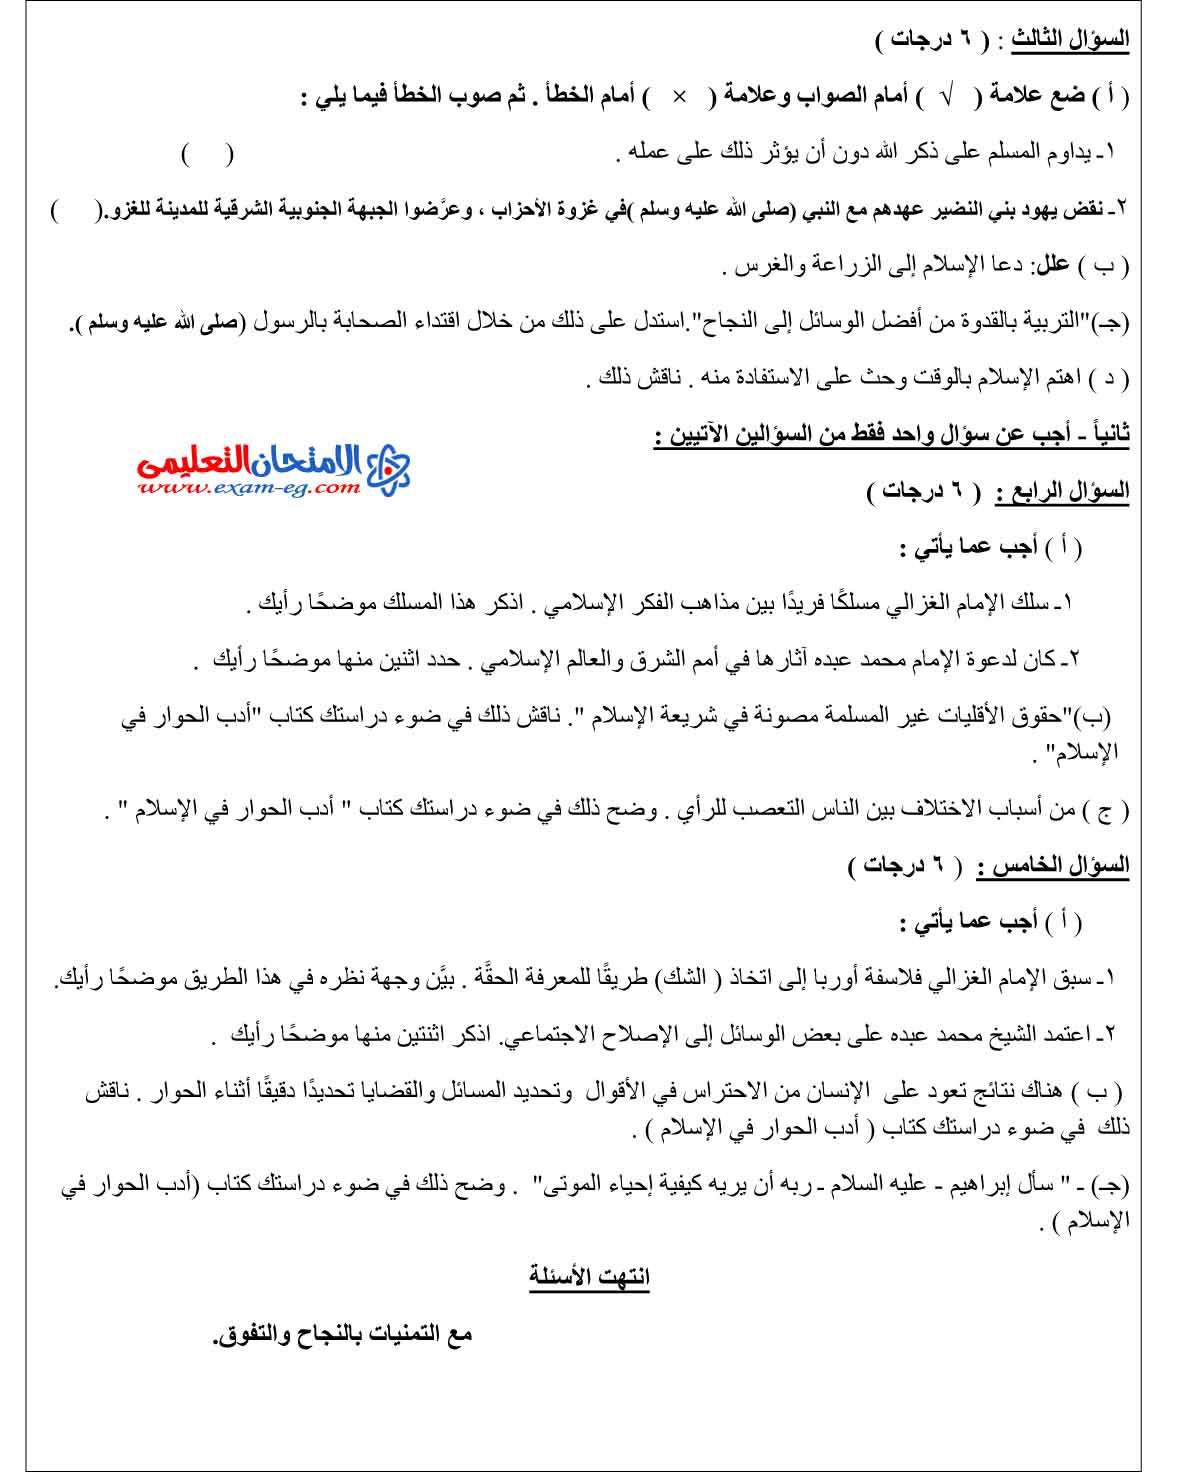 امتحان الوزارة فى التربية الدينية الاسلامية 1